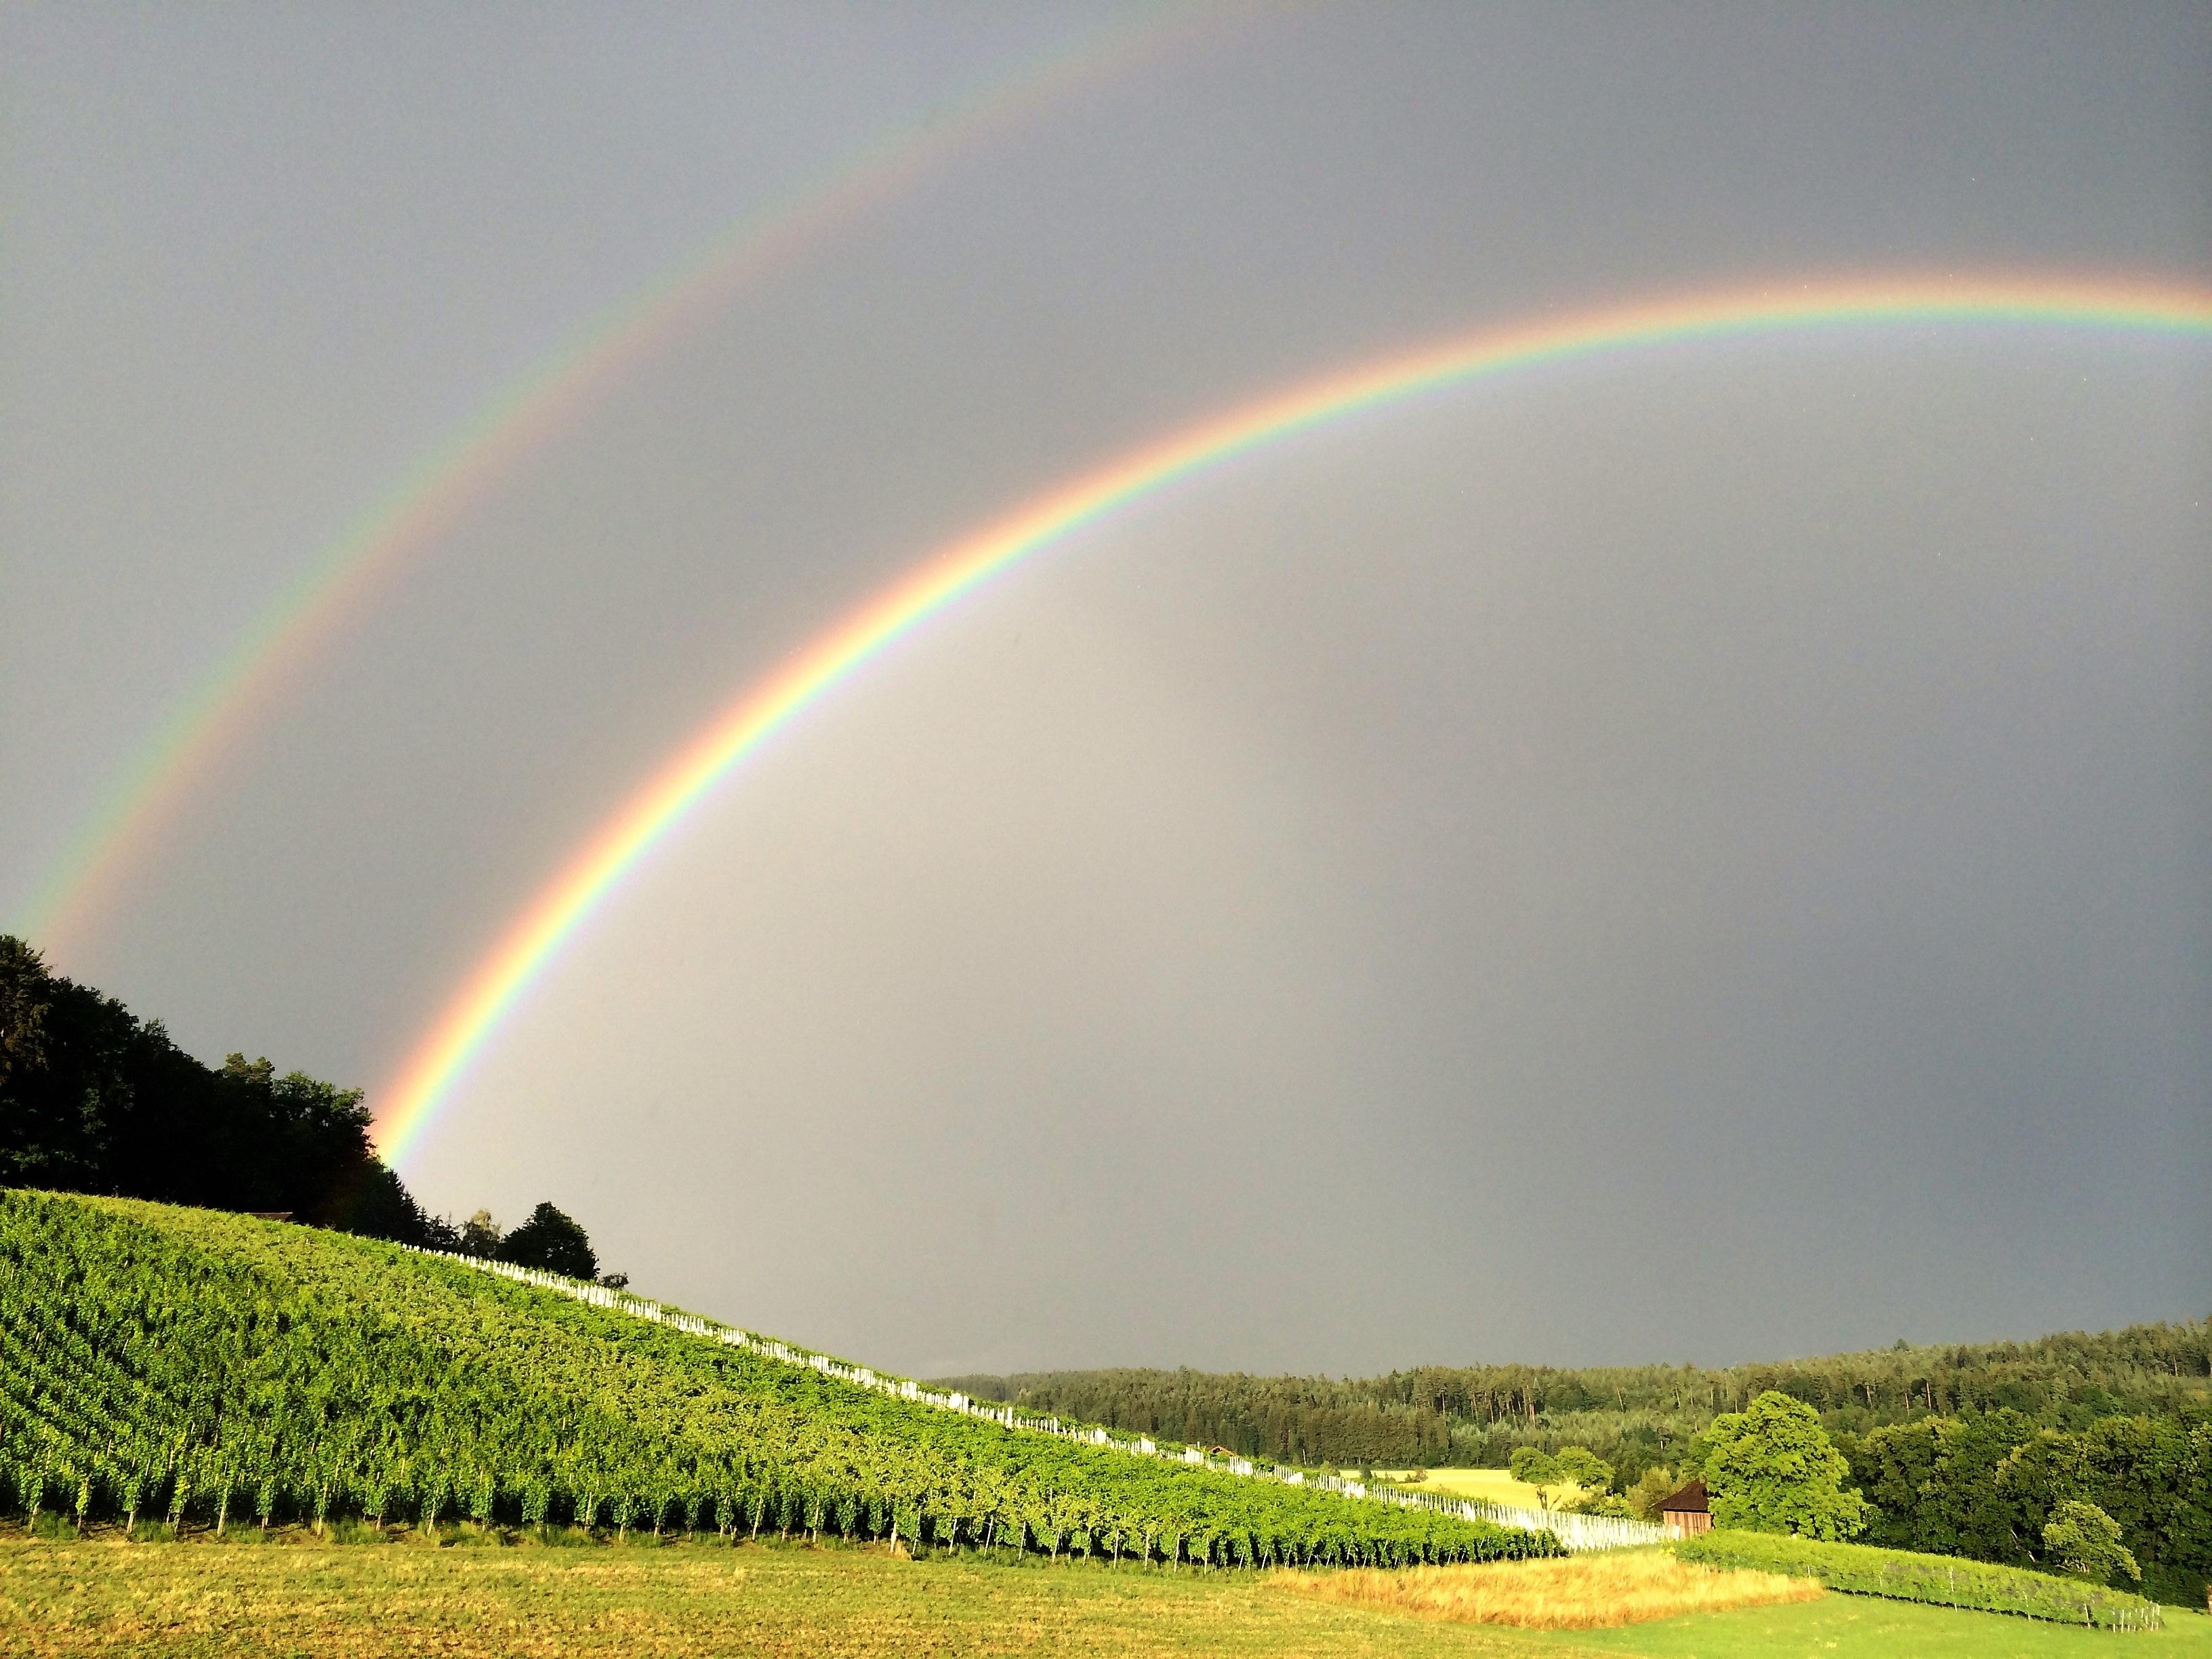 ему картинка радуга на небе и солнце далее путь должен